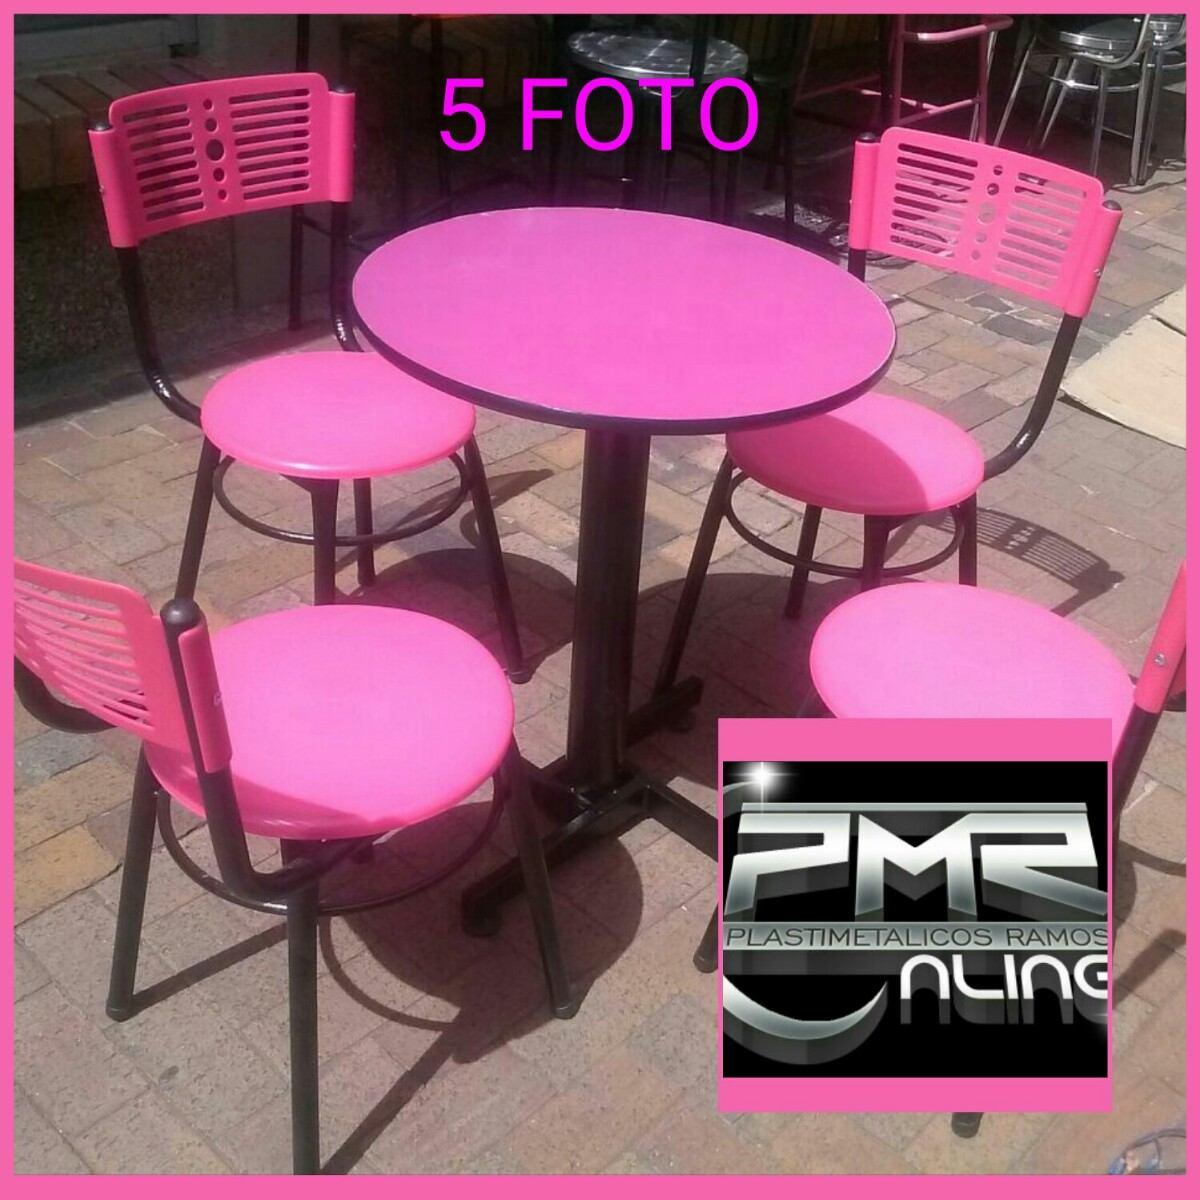 4 sillas karla plastica y mesa madera para restaurante bar for Sillas amarillas